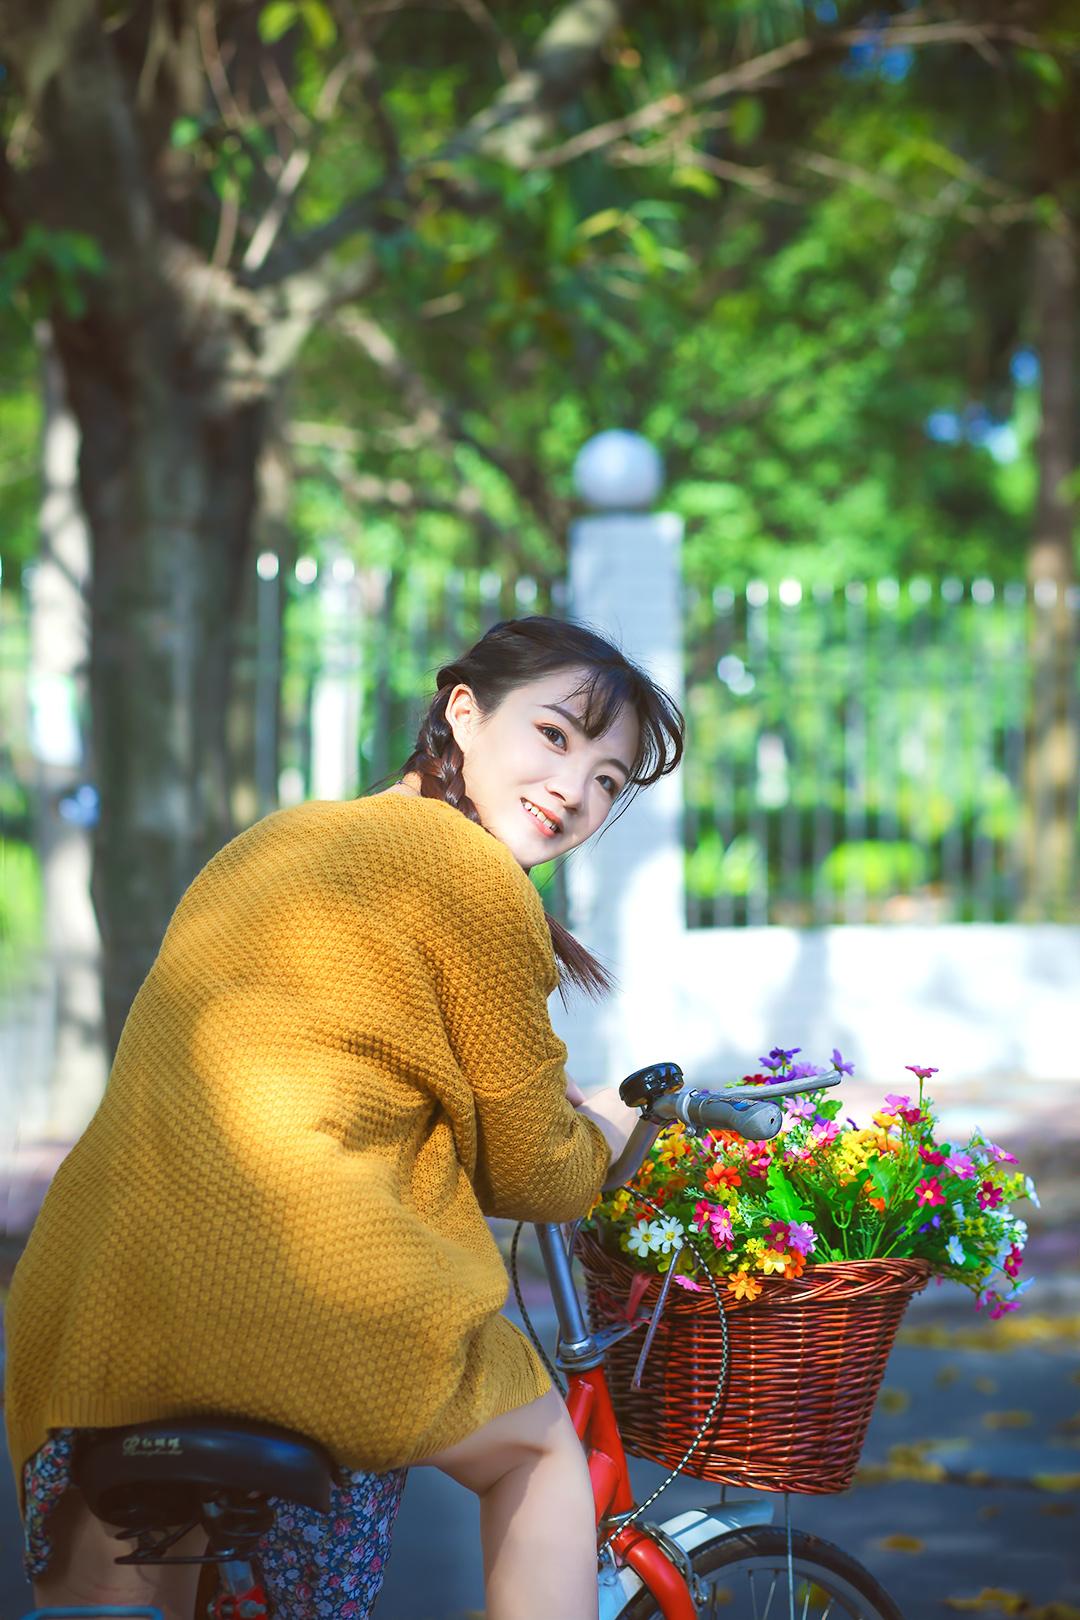 【现代时尚素材篇】单车美少女 - 浪漫人生 - .